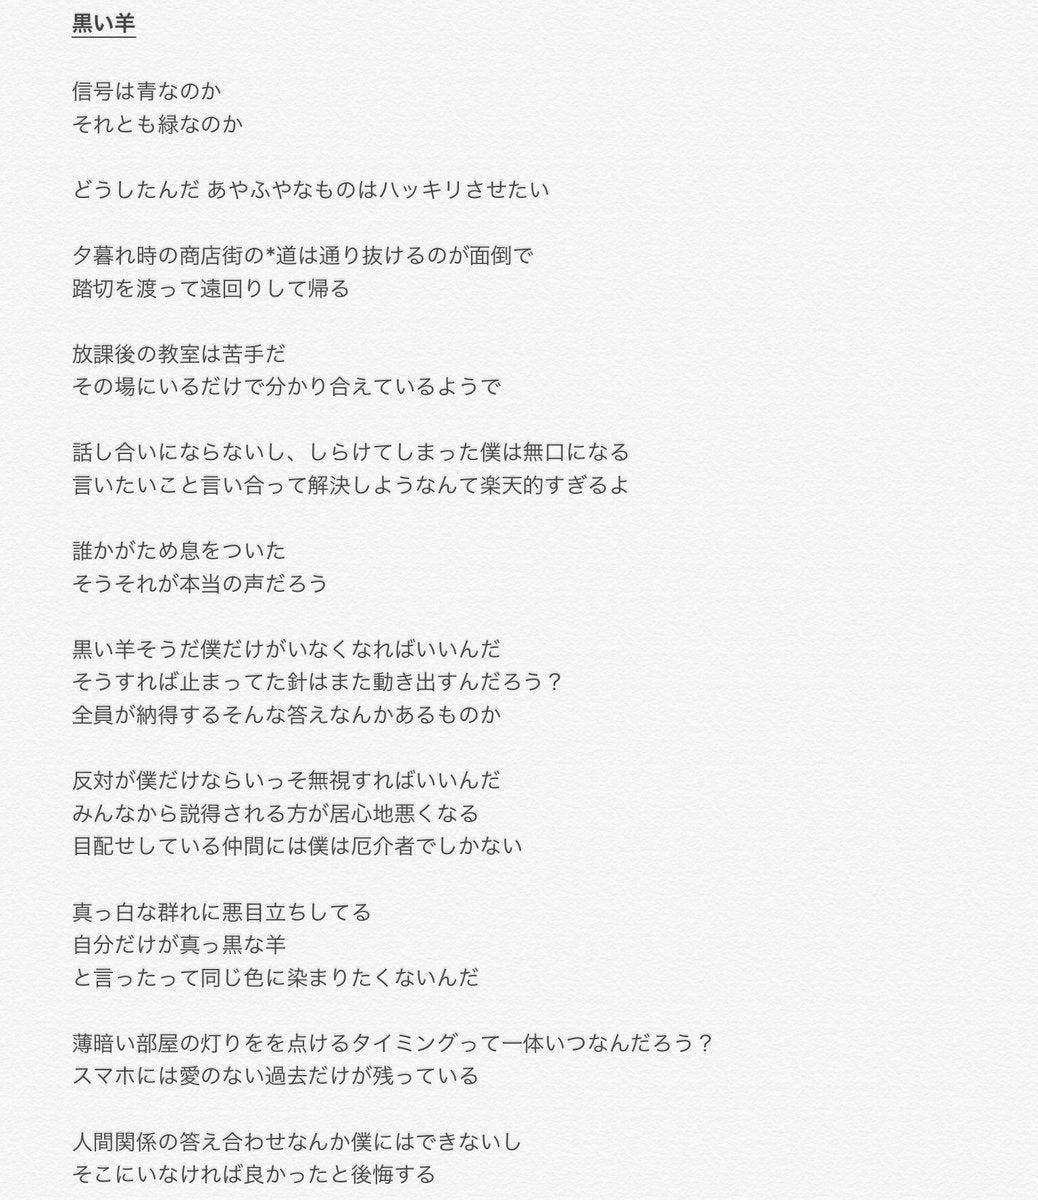 欅坂46黒い羊歌詞